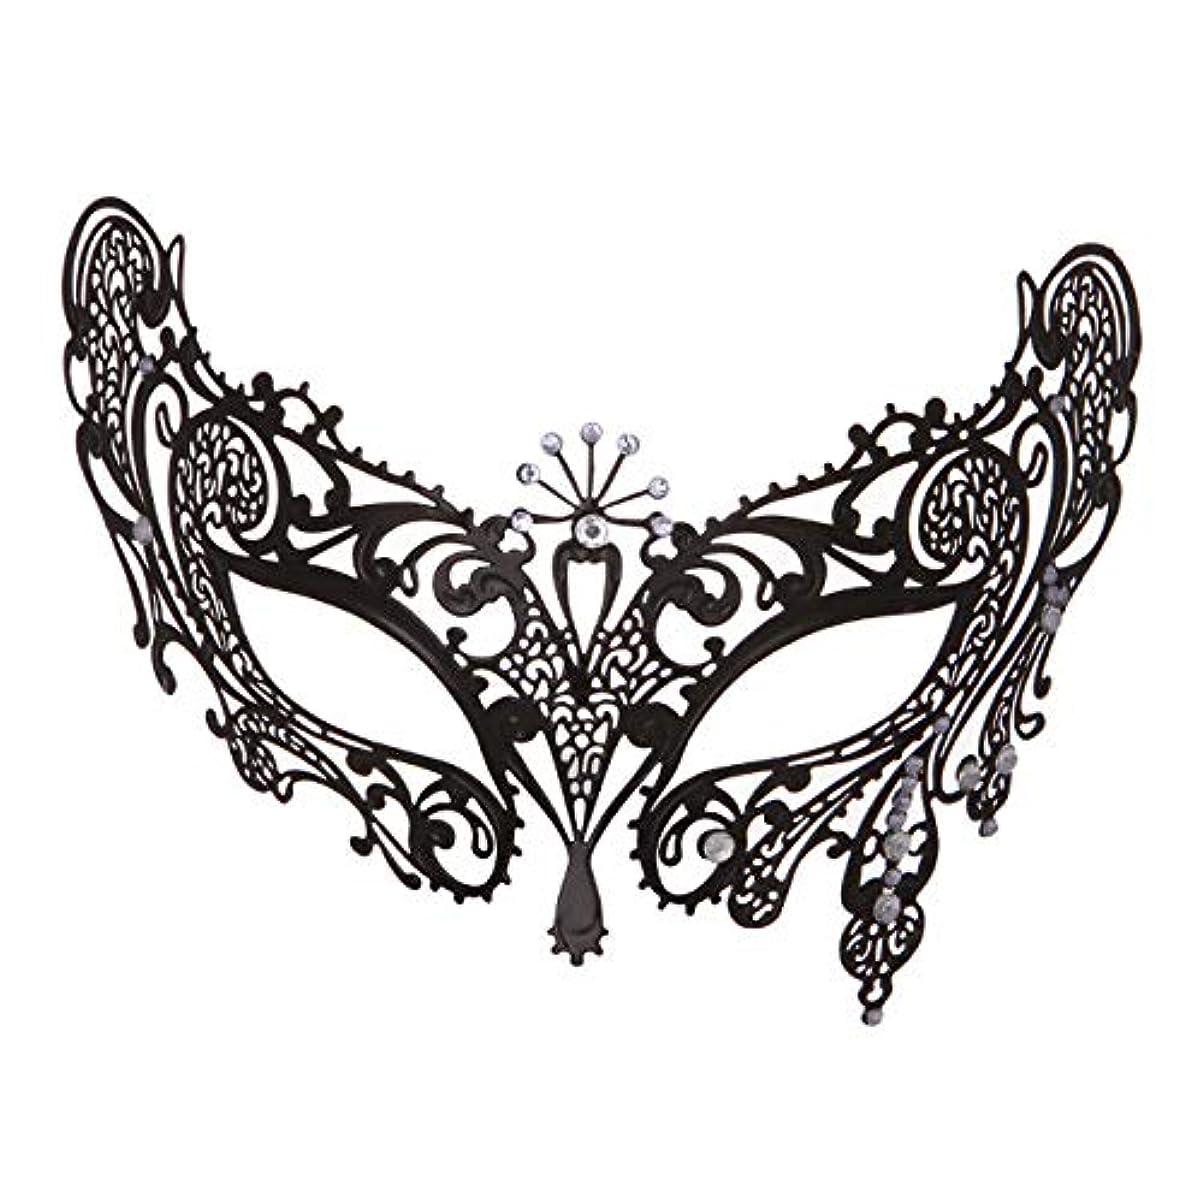 飢え仲間改修レディマスクメタルダイヤモンドパーティーパフォーマンス仮装ハロウィーンアイマスク